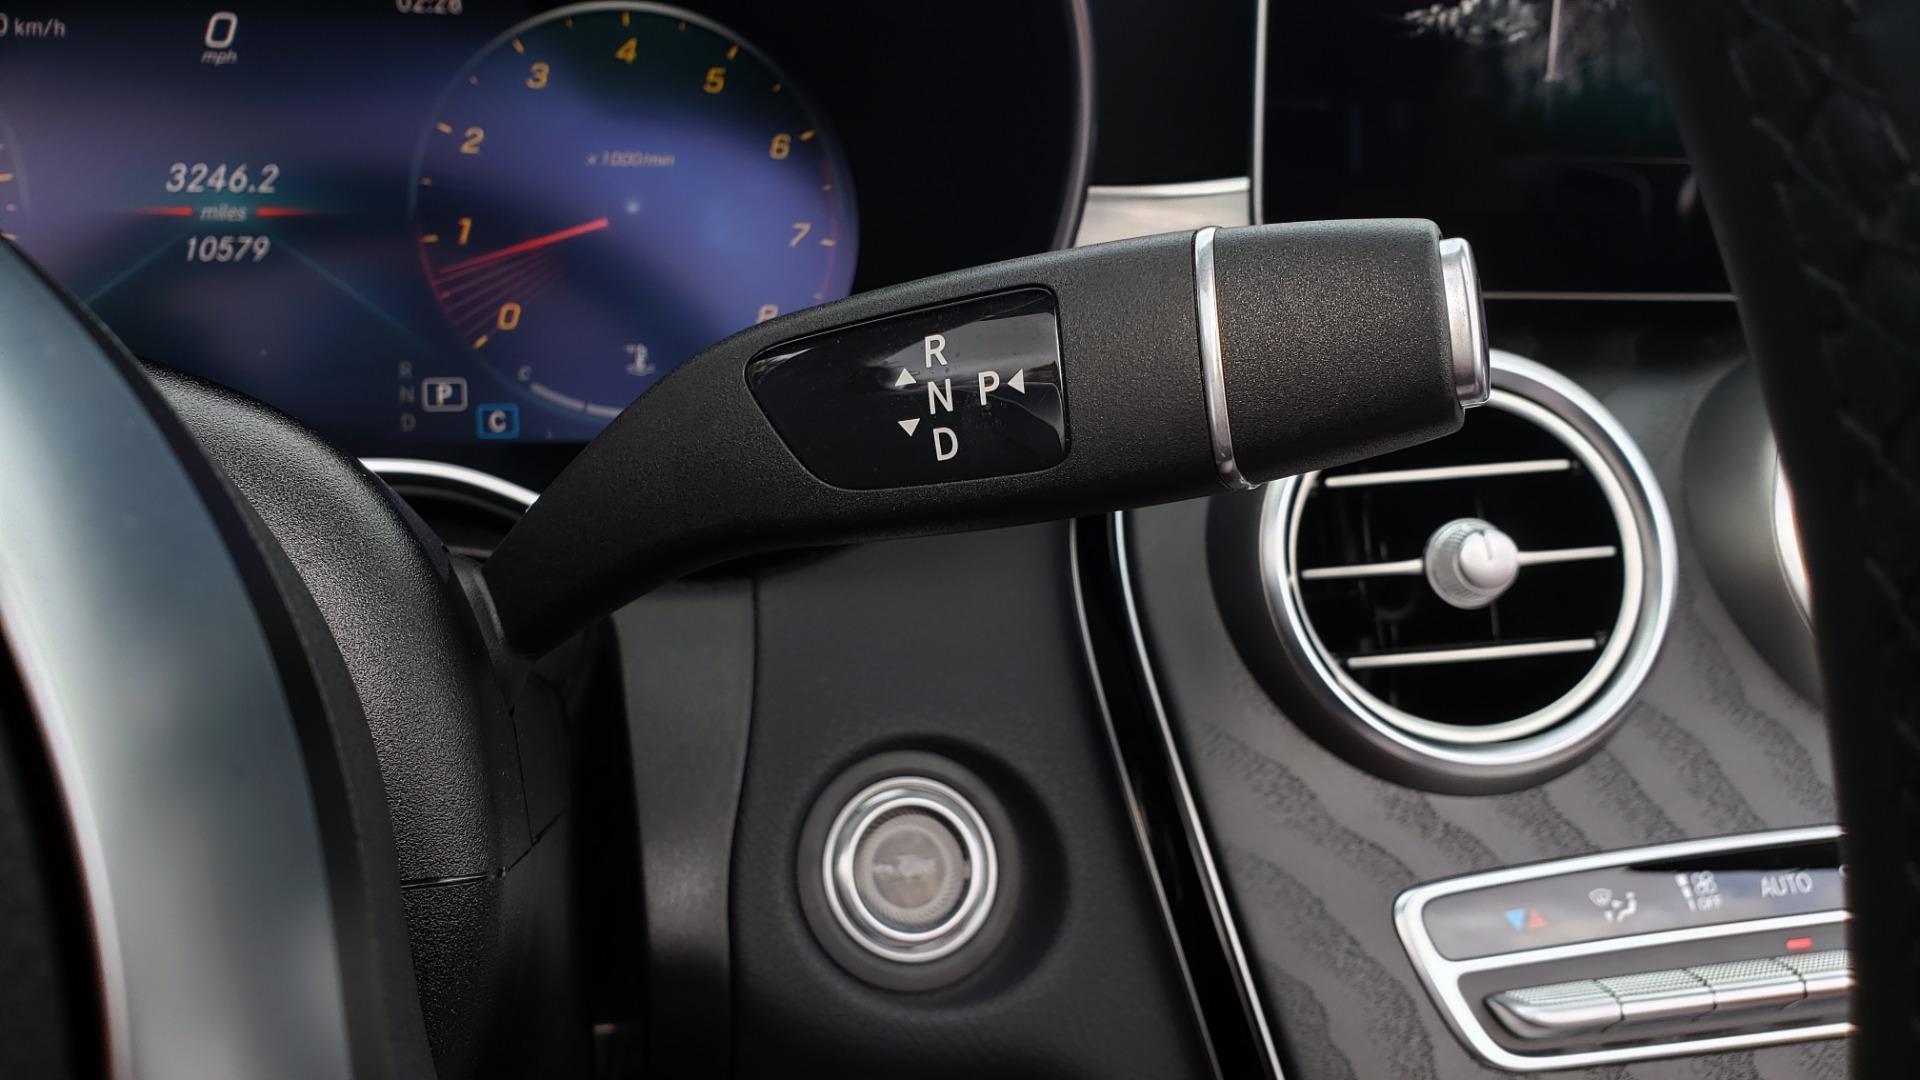 Used 2019 Mercedes-Benz C-CLASS C 300 CABRIOLET / PREM PKG / NAV / BURMESTER / MULTIMEDIA for sale Sold at Formula Imports in Charlotte NC 28227 42